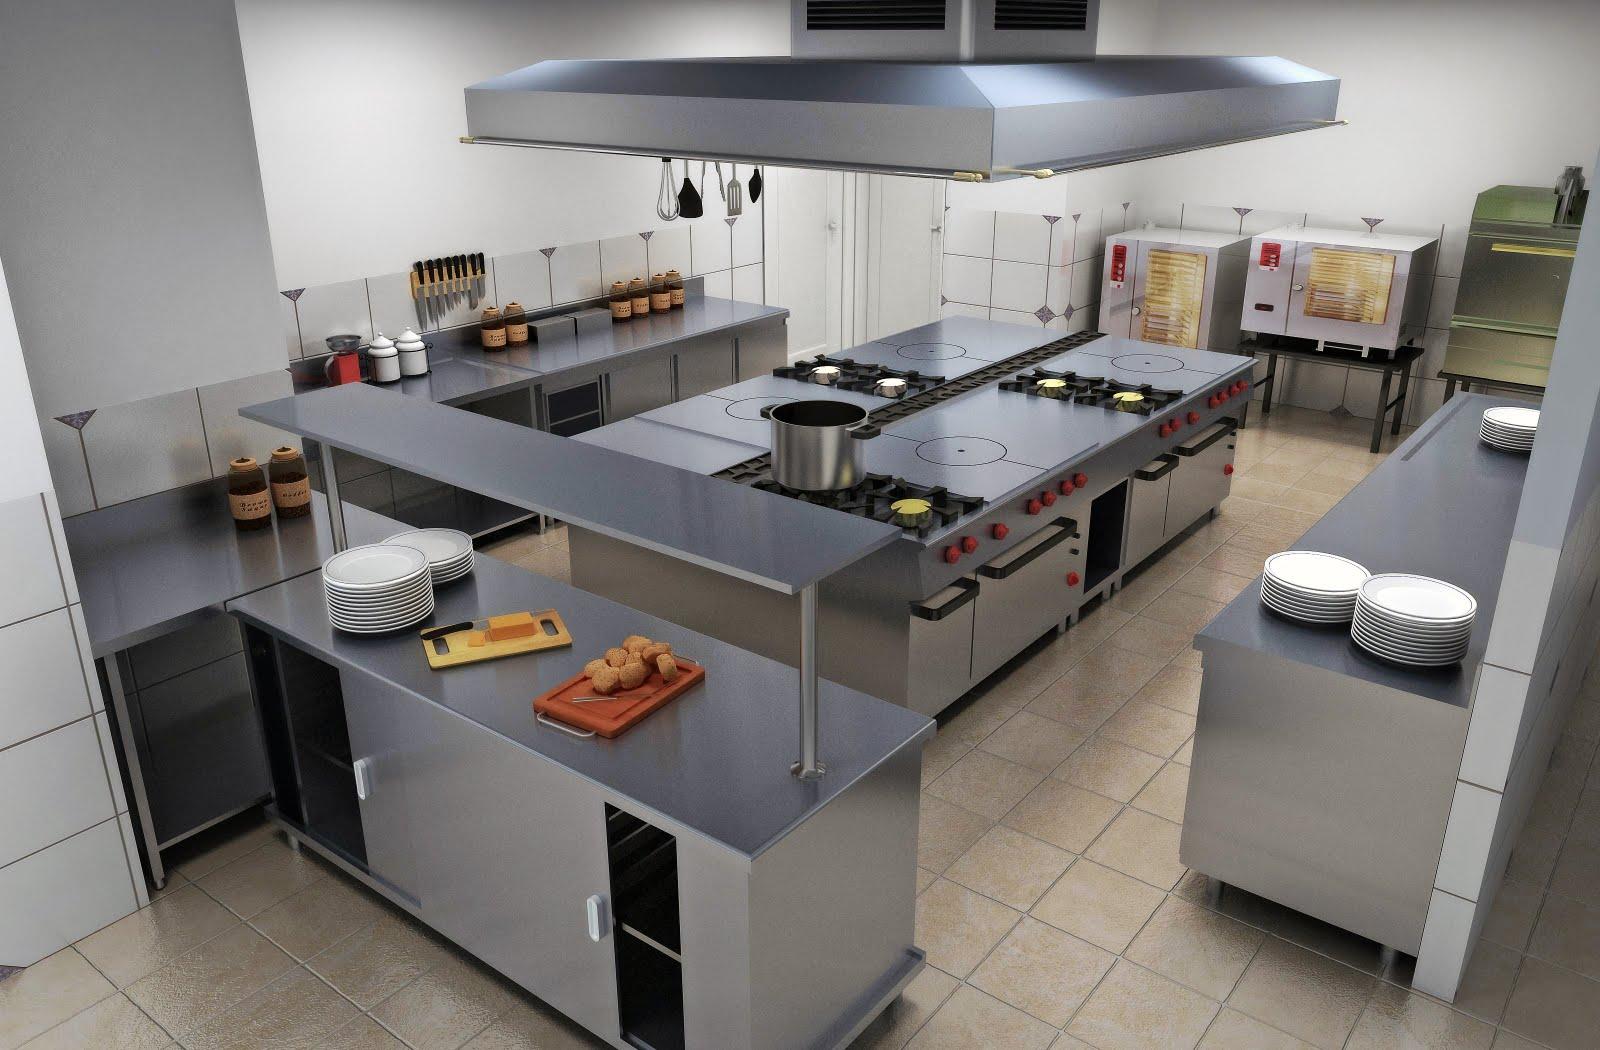 Departamento de instalaciones equipar for Planchas de cocina industriales de segunda mano